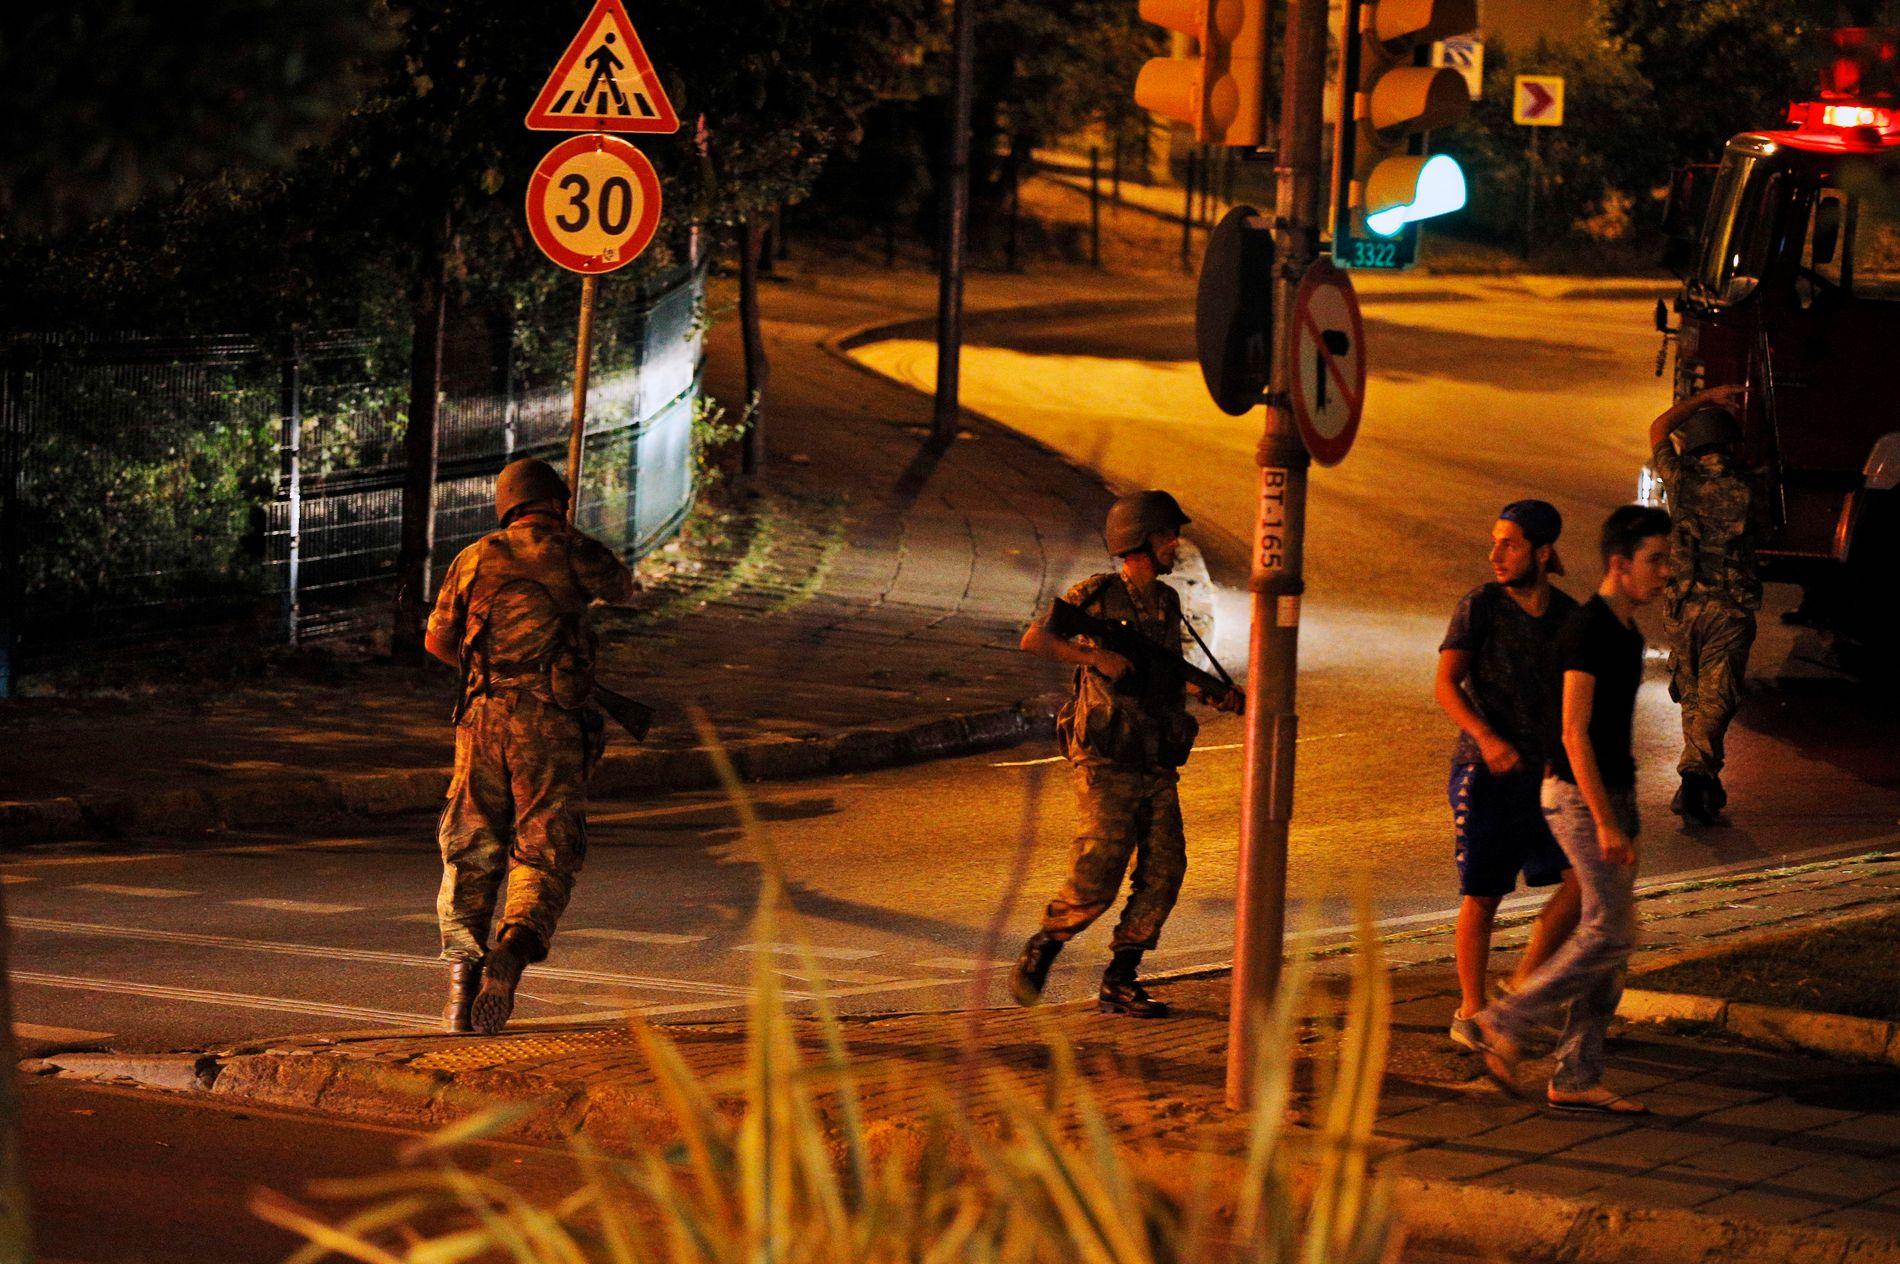 KAOTISK: Det tyrkiske militæret opplyser på statlig TV at det har tatt makten i landet. Det er innført unntakstilstand og portforbud i landet.